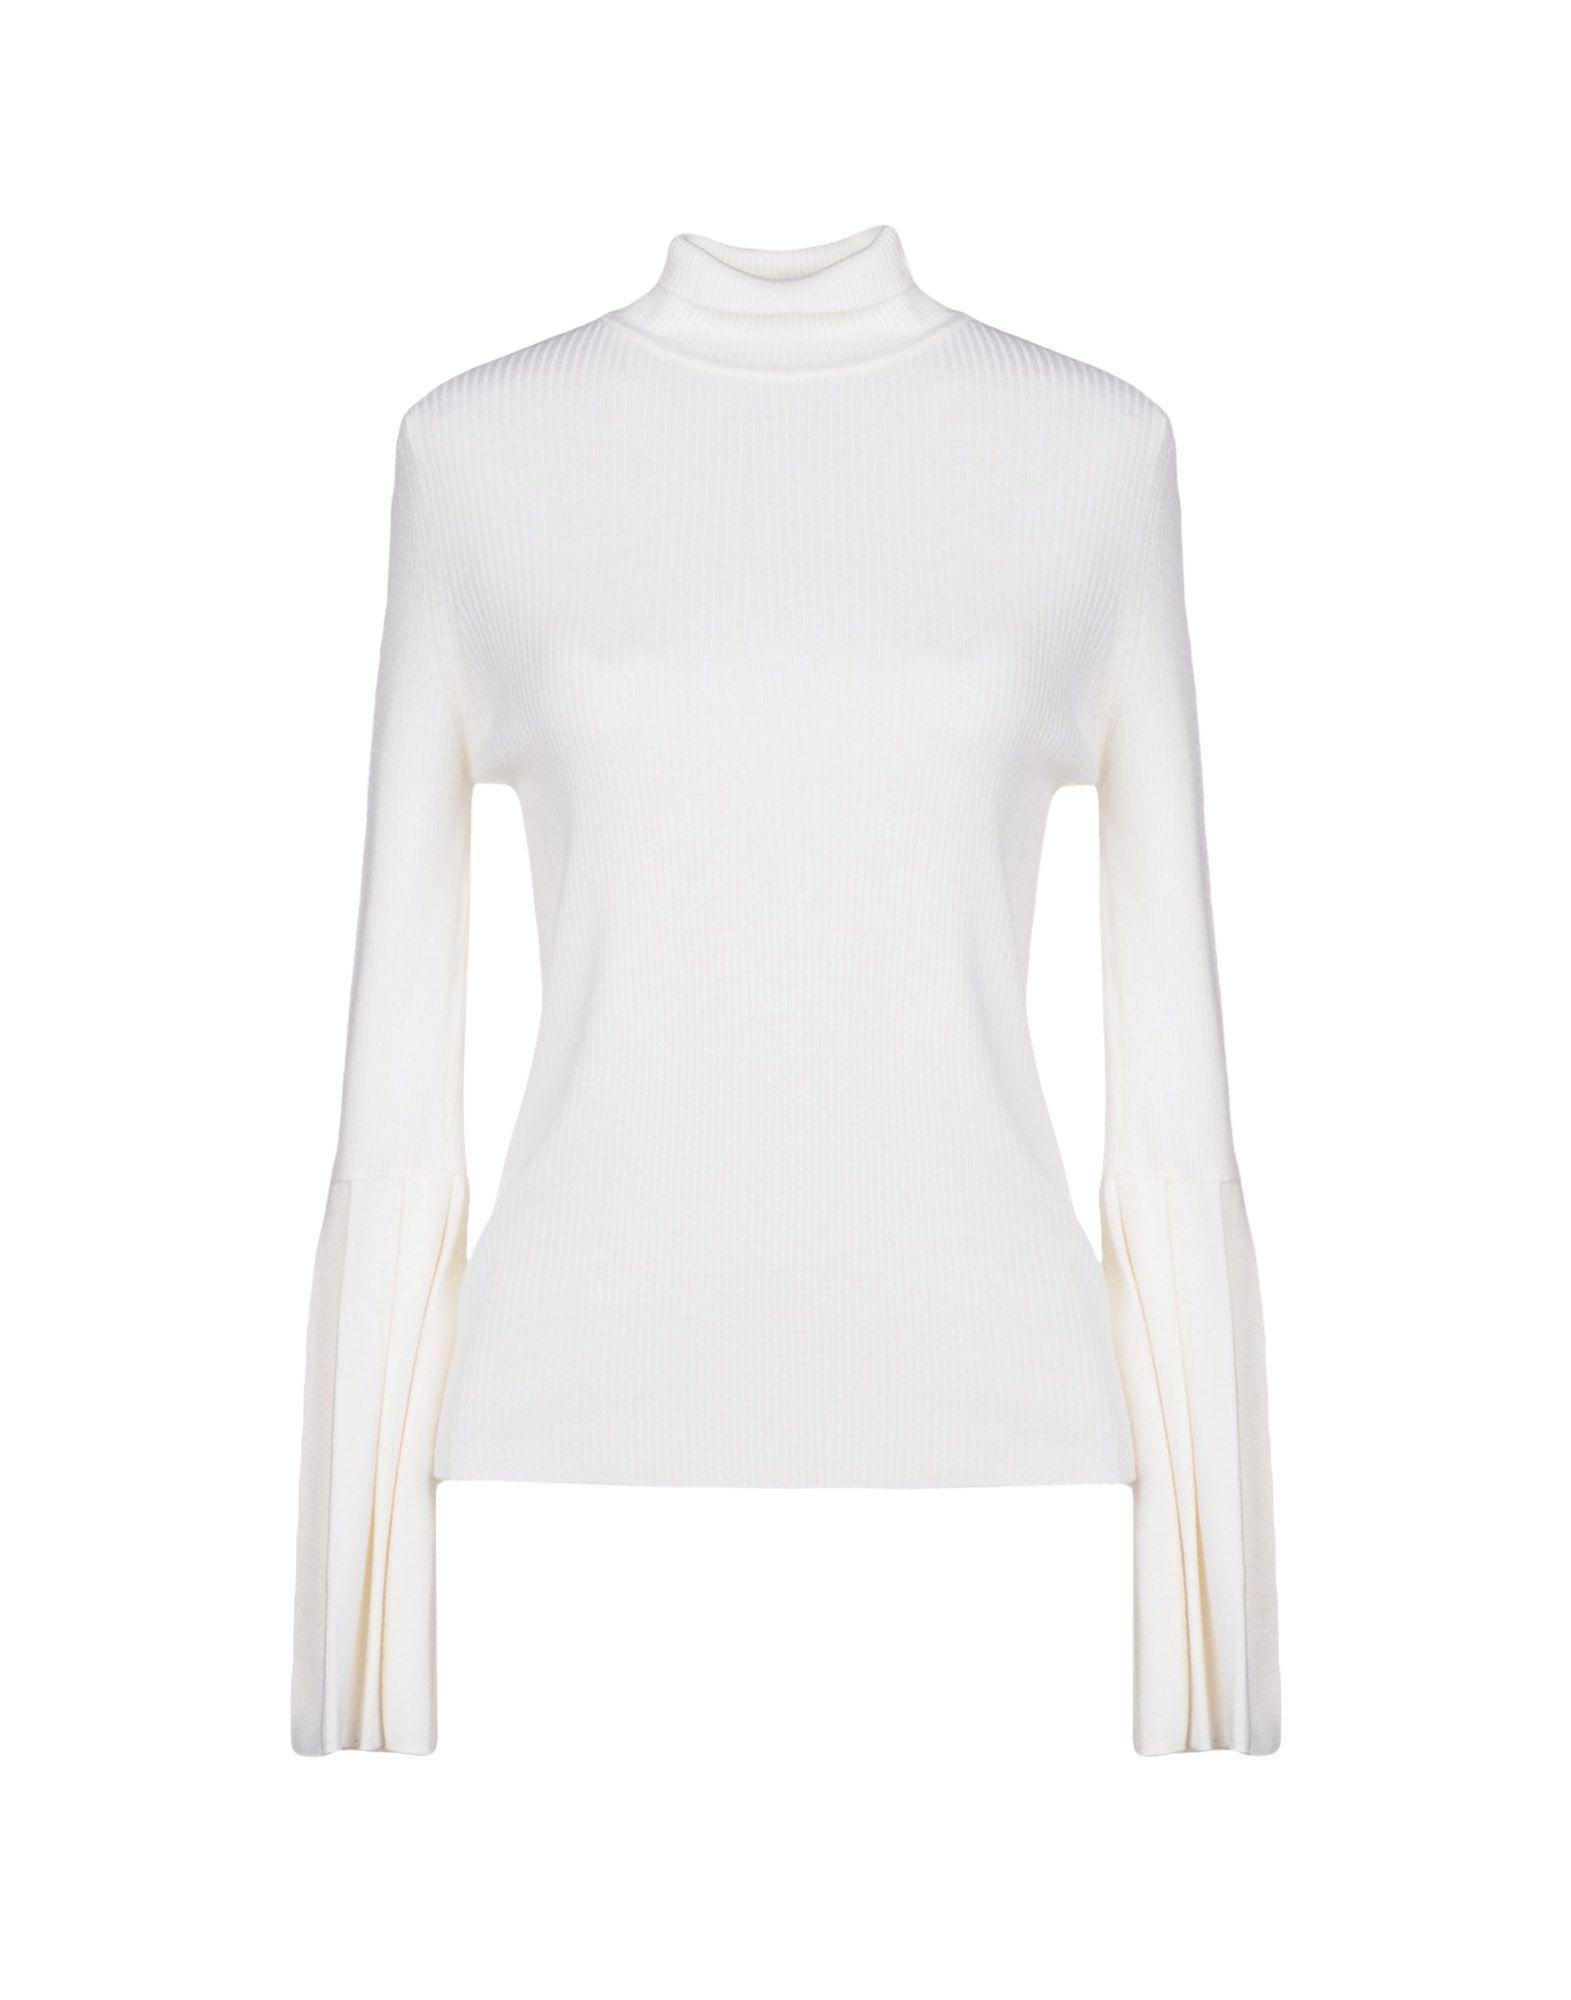 BLUMARINE Damen Rollkragenpullover Farbe Weiß Größe 6